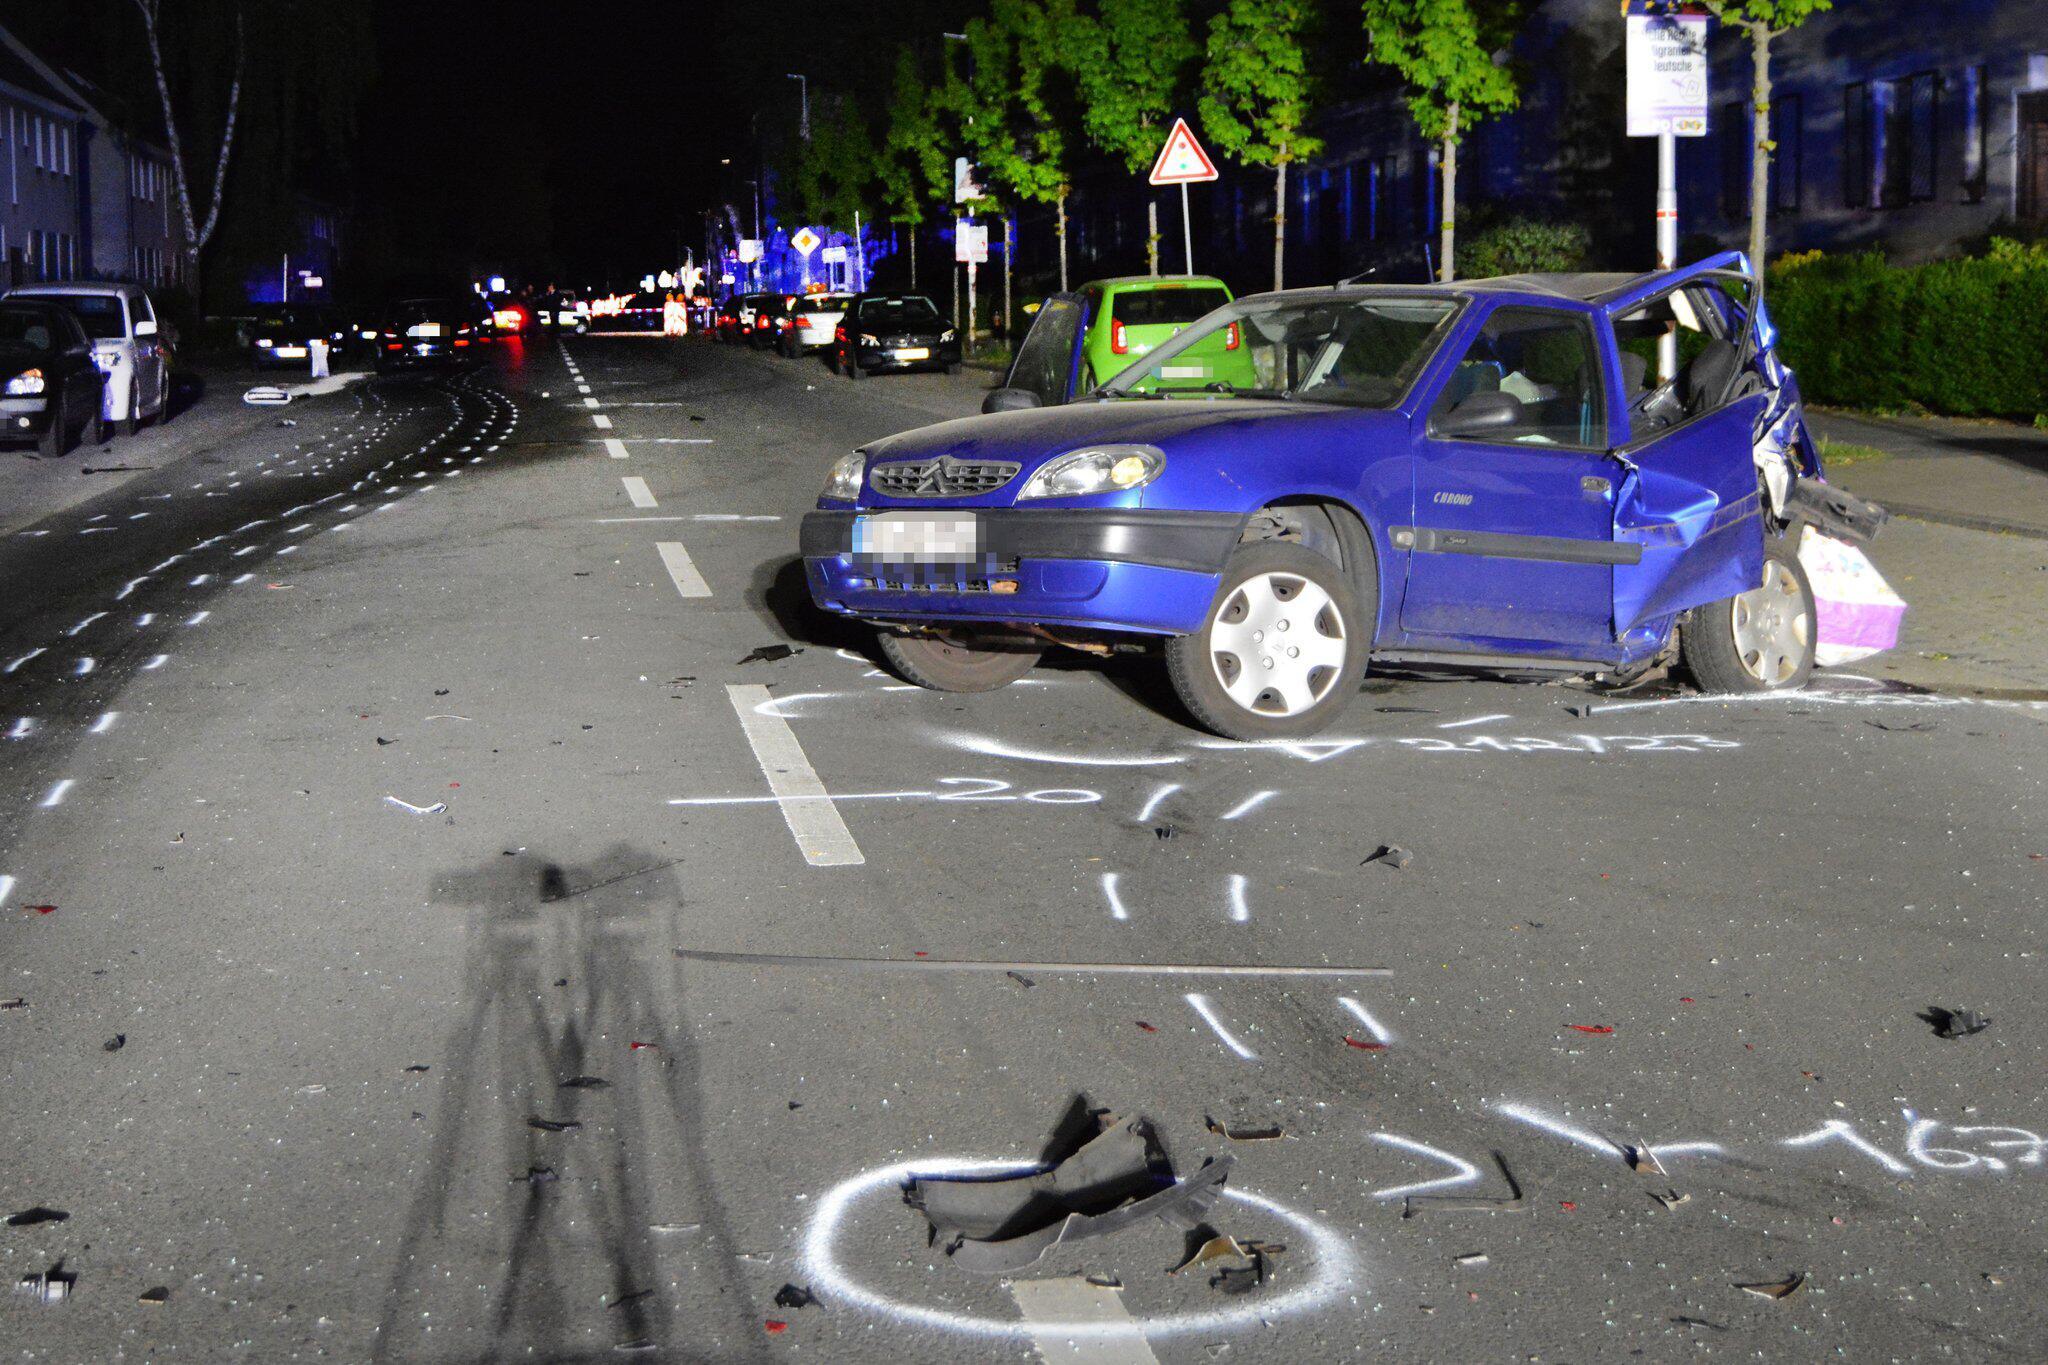 Bild zu Unbeteiligte bei mutmasslichem Autorennen getötet